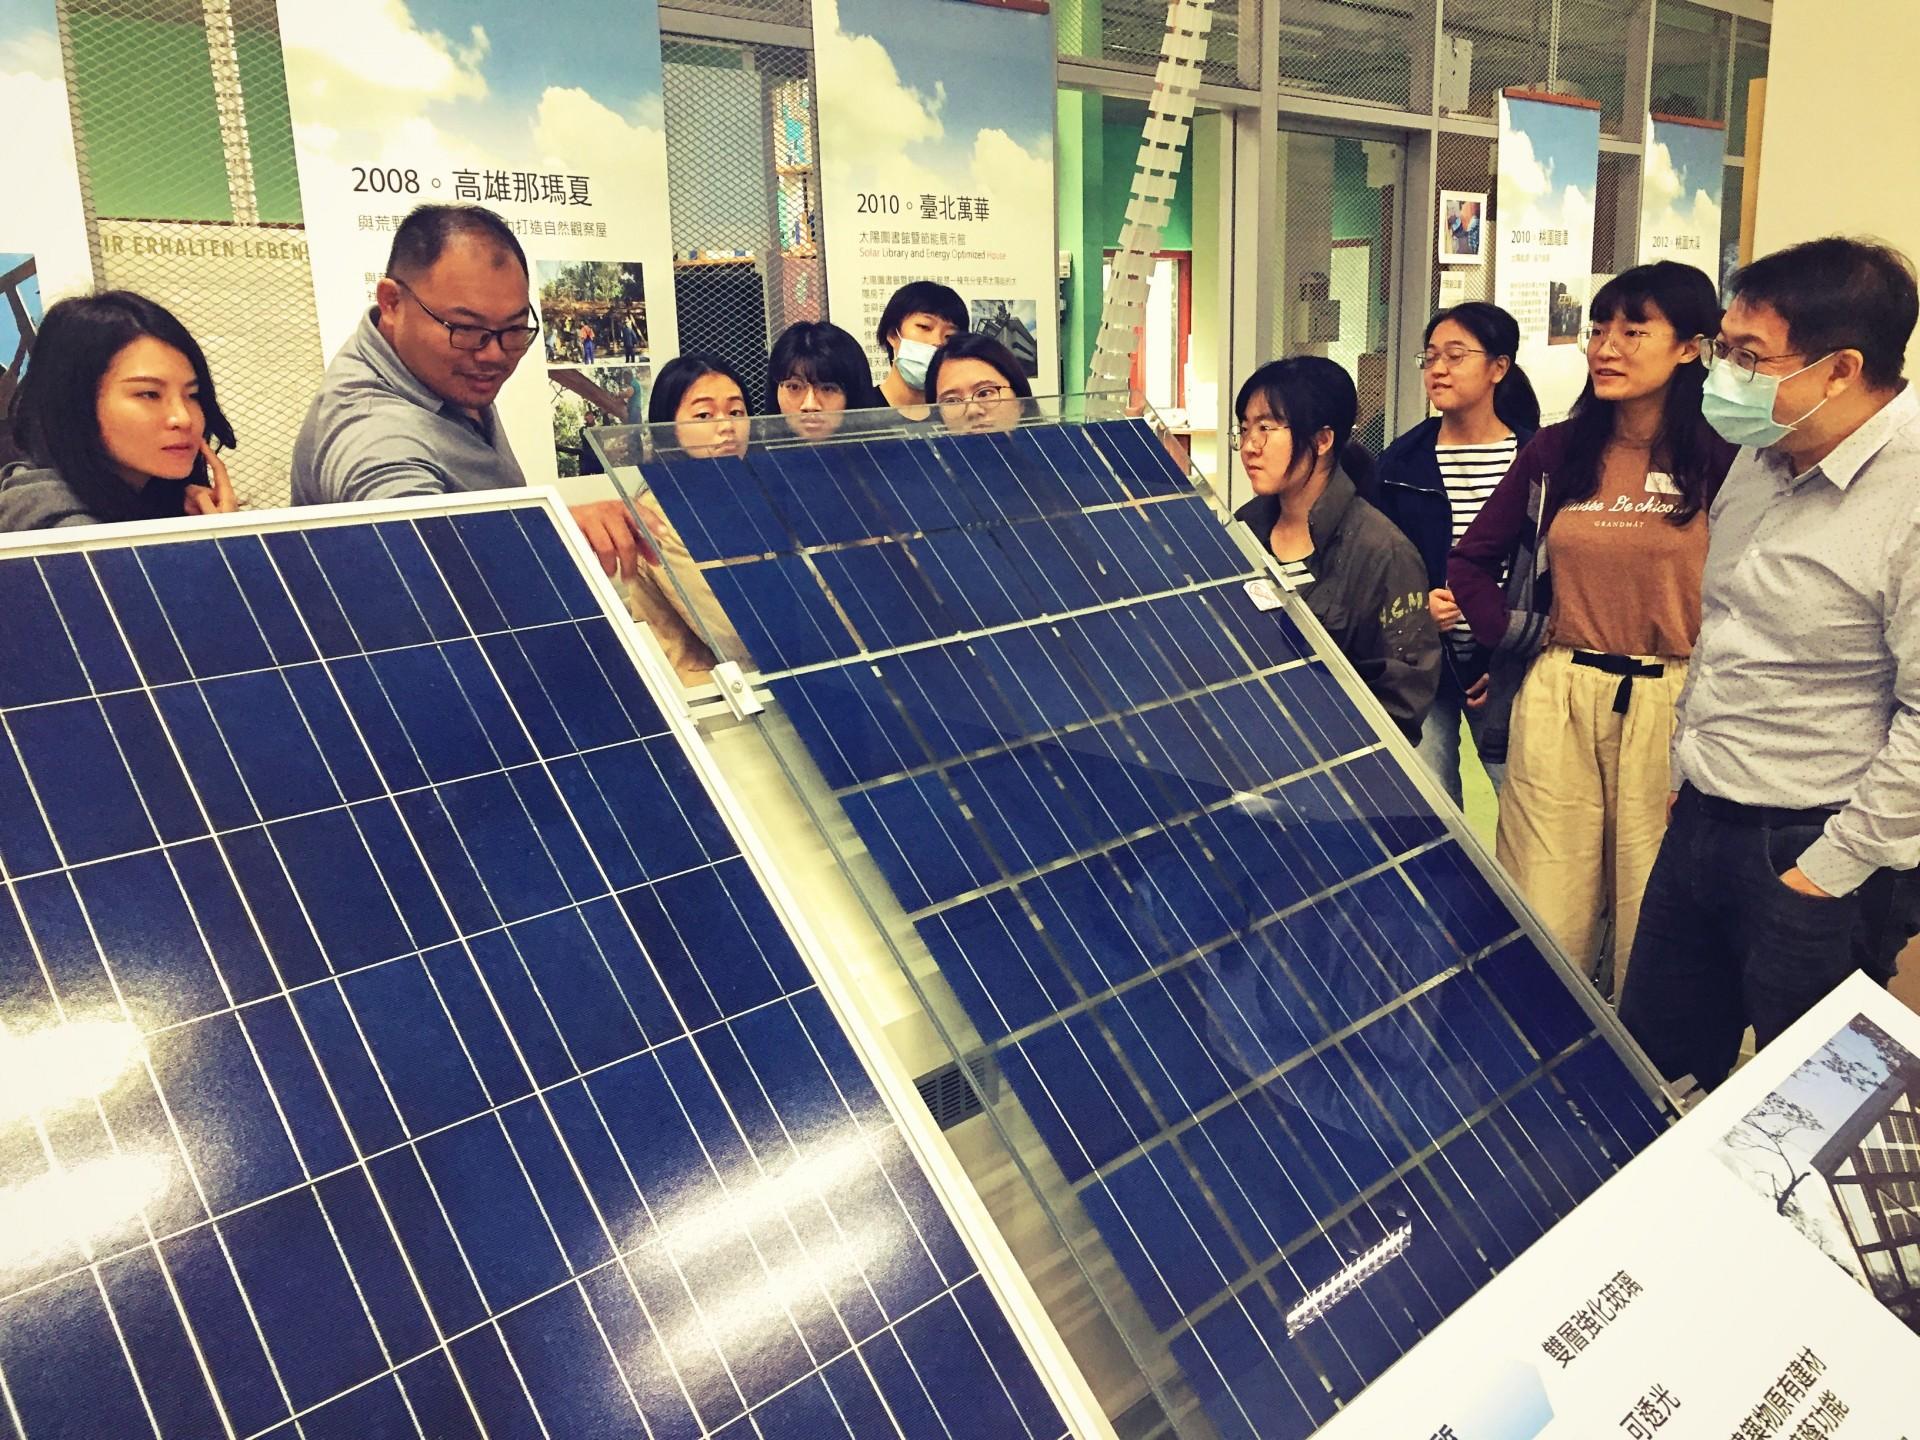 蓋一座太陽房子─循環城事專題課程